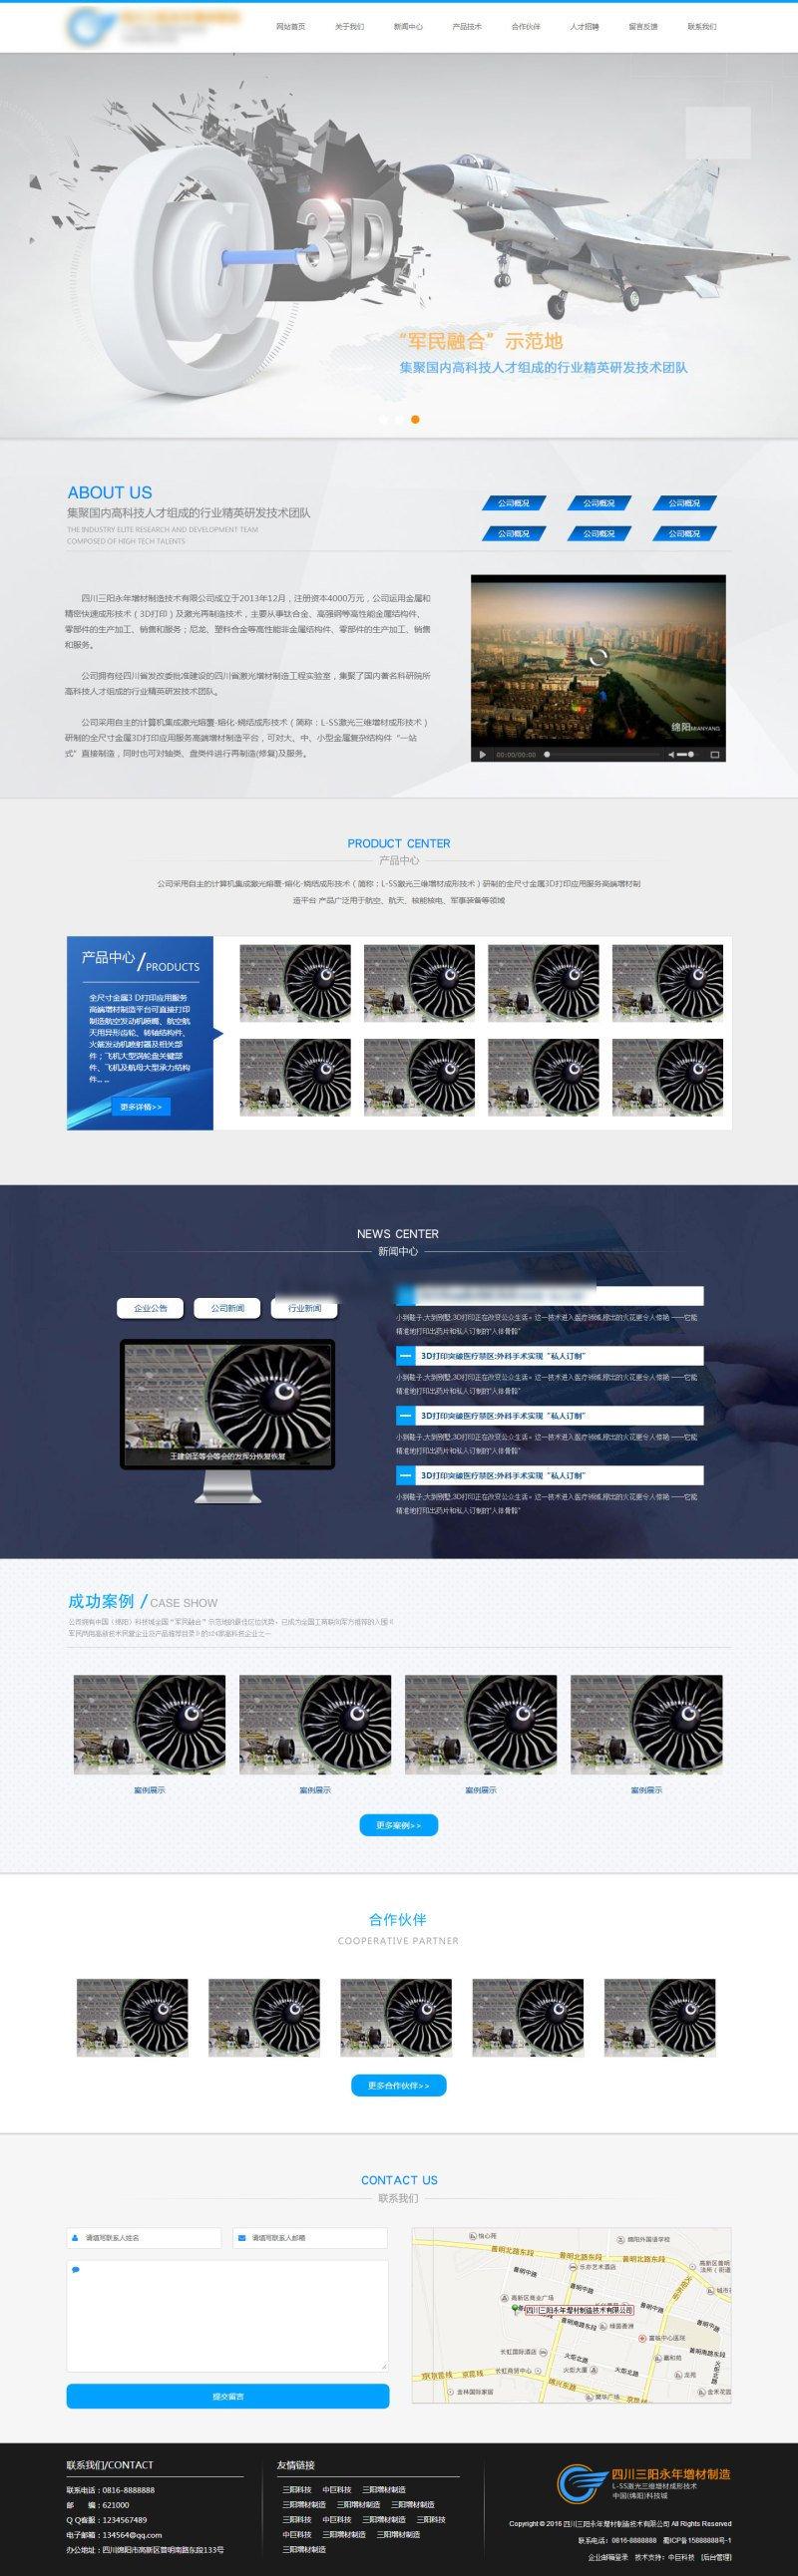 蓝色简洁大气3d打印公司网页模板html下载